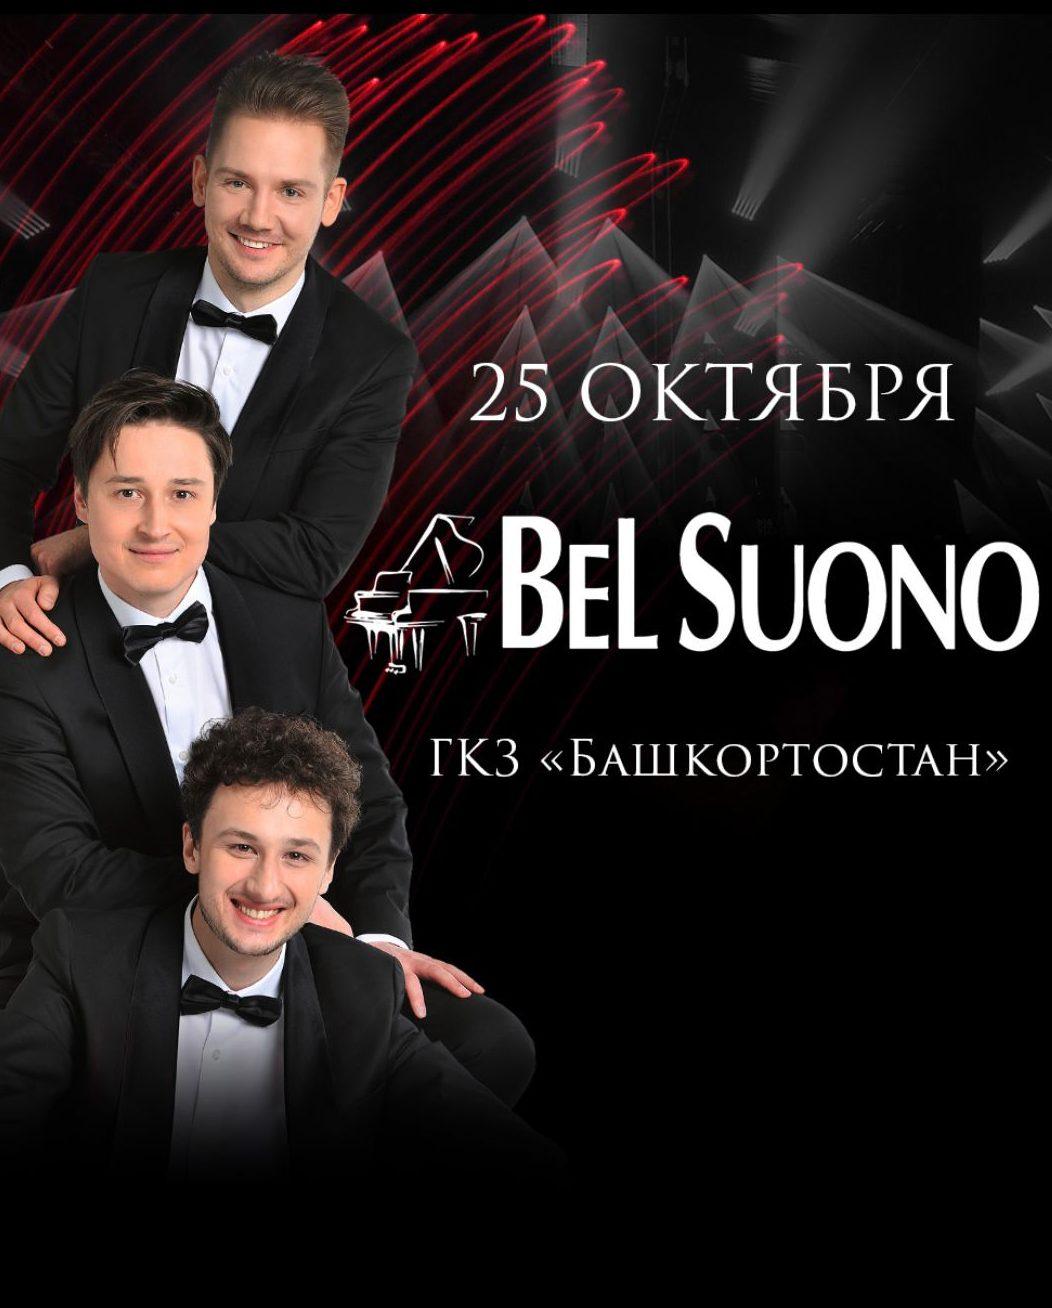 Шоу Трёх Роялей «Bel Suono»